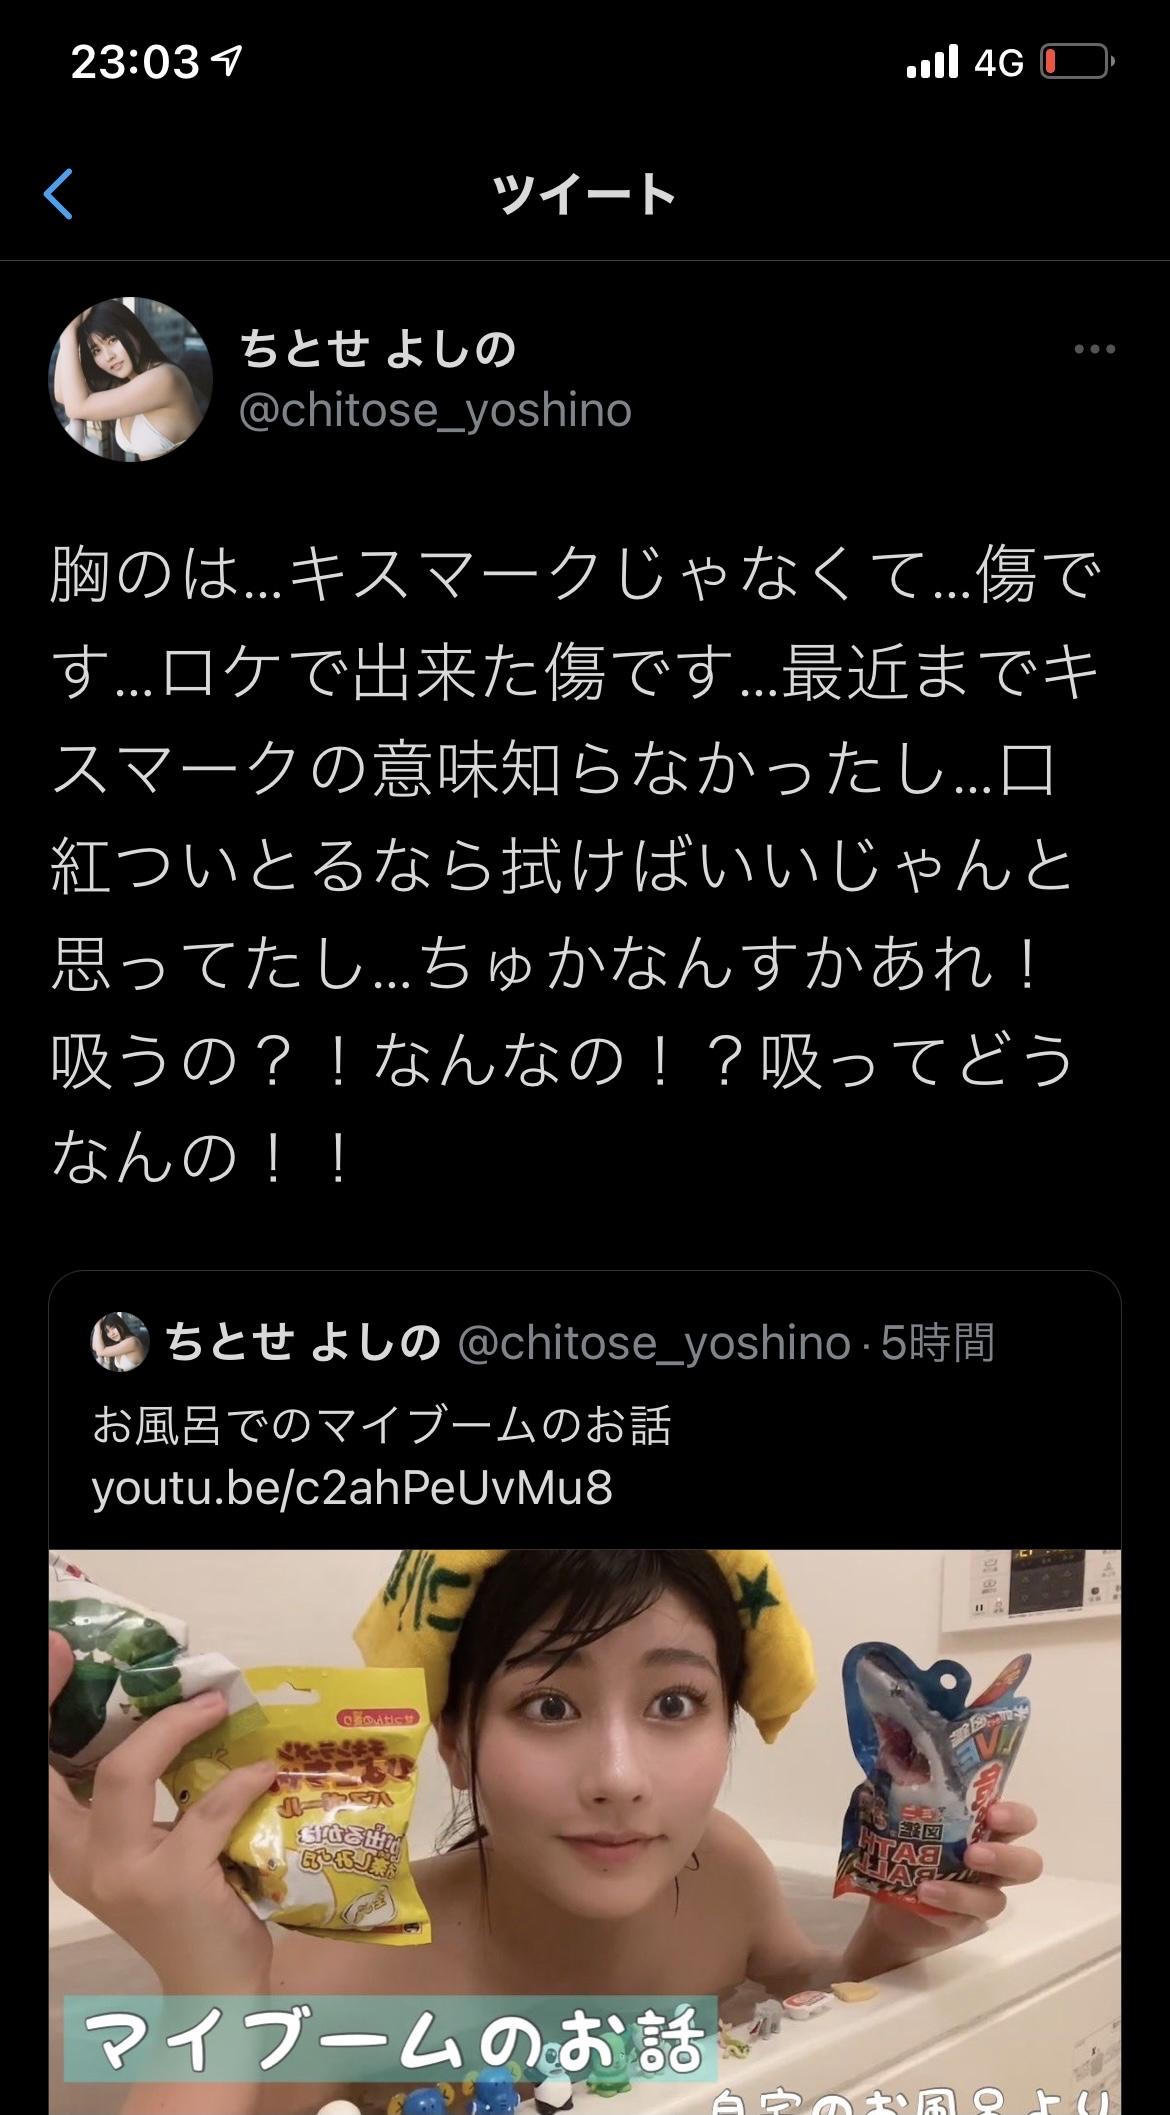 【画像】グラビアアイドル、うっかり胸にキスマークをつけてYouTube動画を投稿してしまう